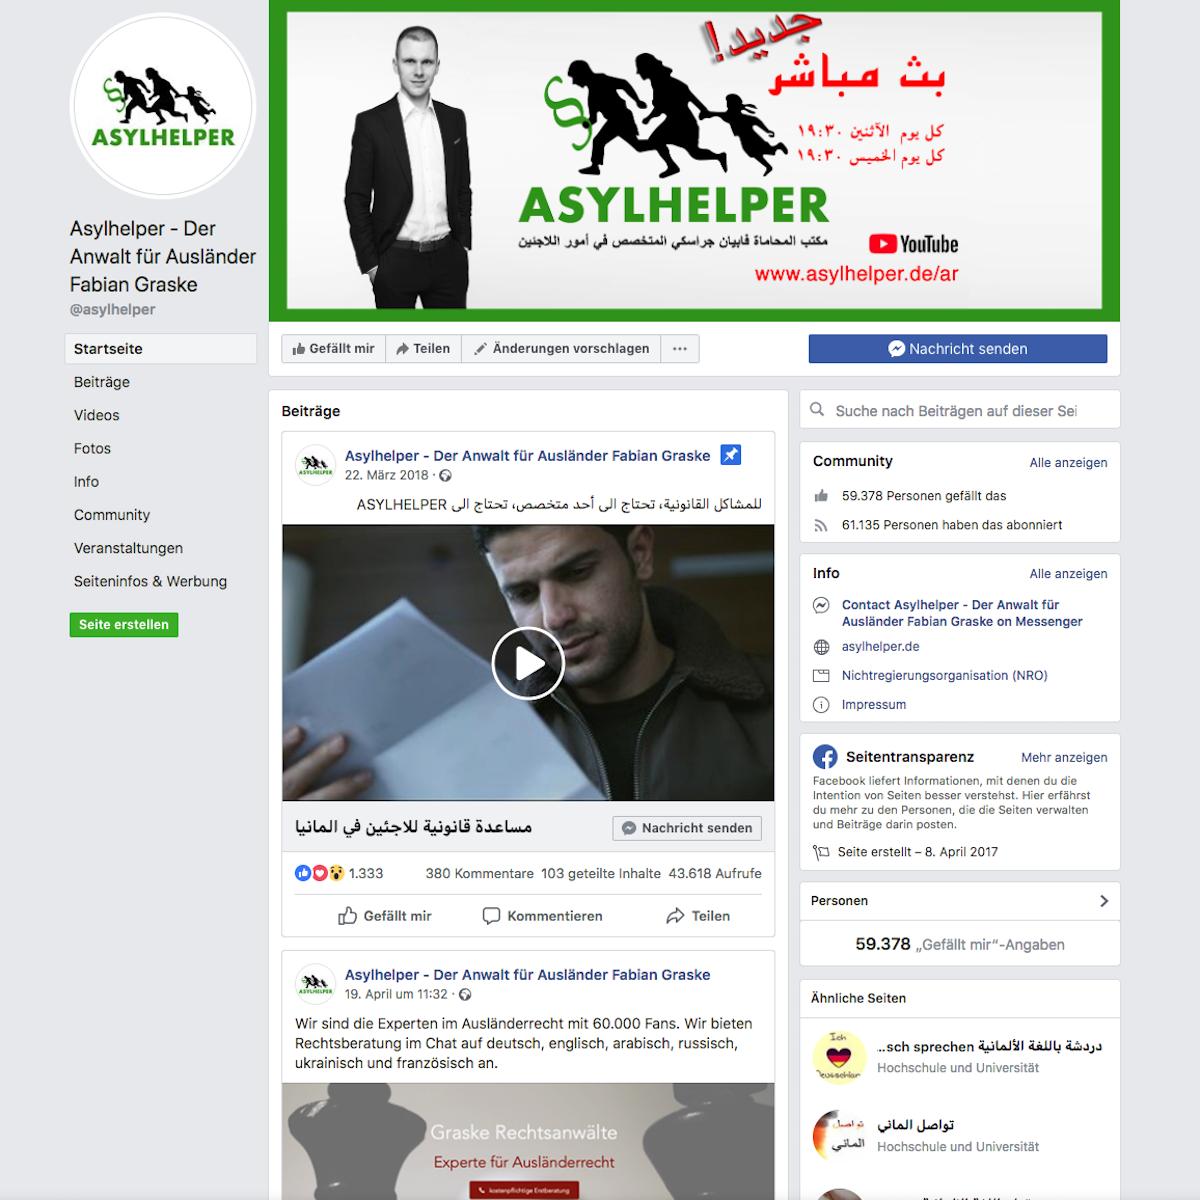 Asylhelper